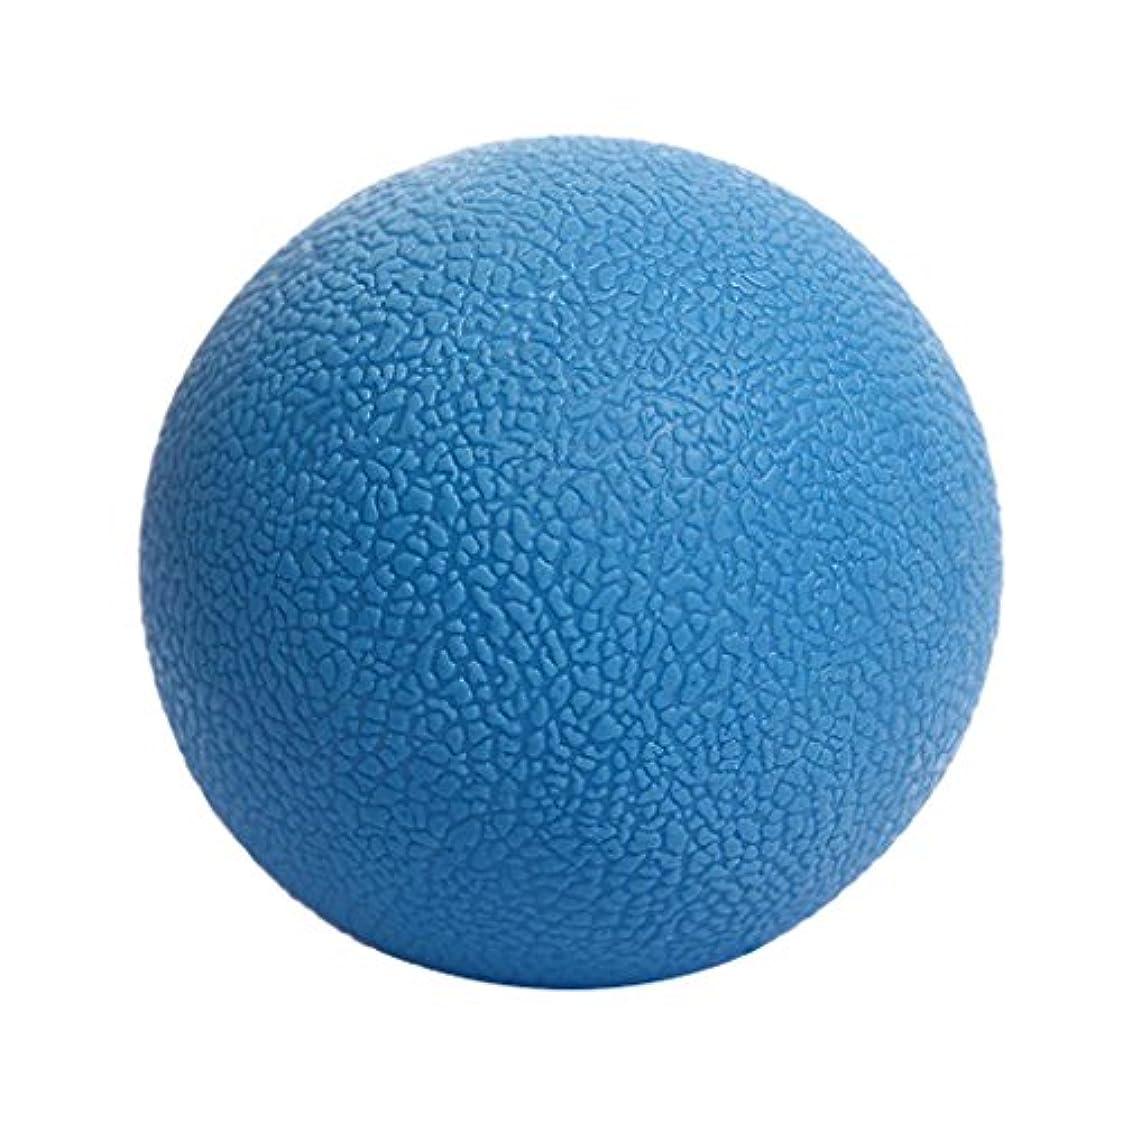 交渉する固執等Baoblaze マッサージボール ボディーマッサージ 便利 TPE ヨガ ピラティス 4色選べる - 青